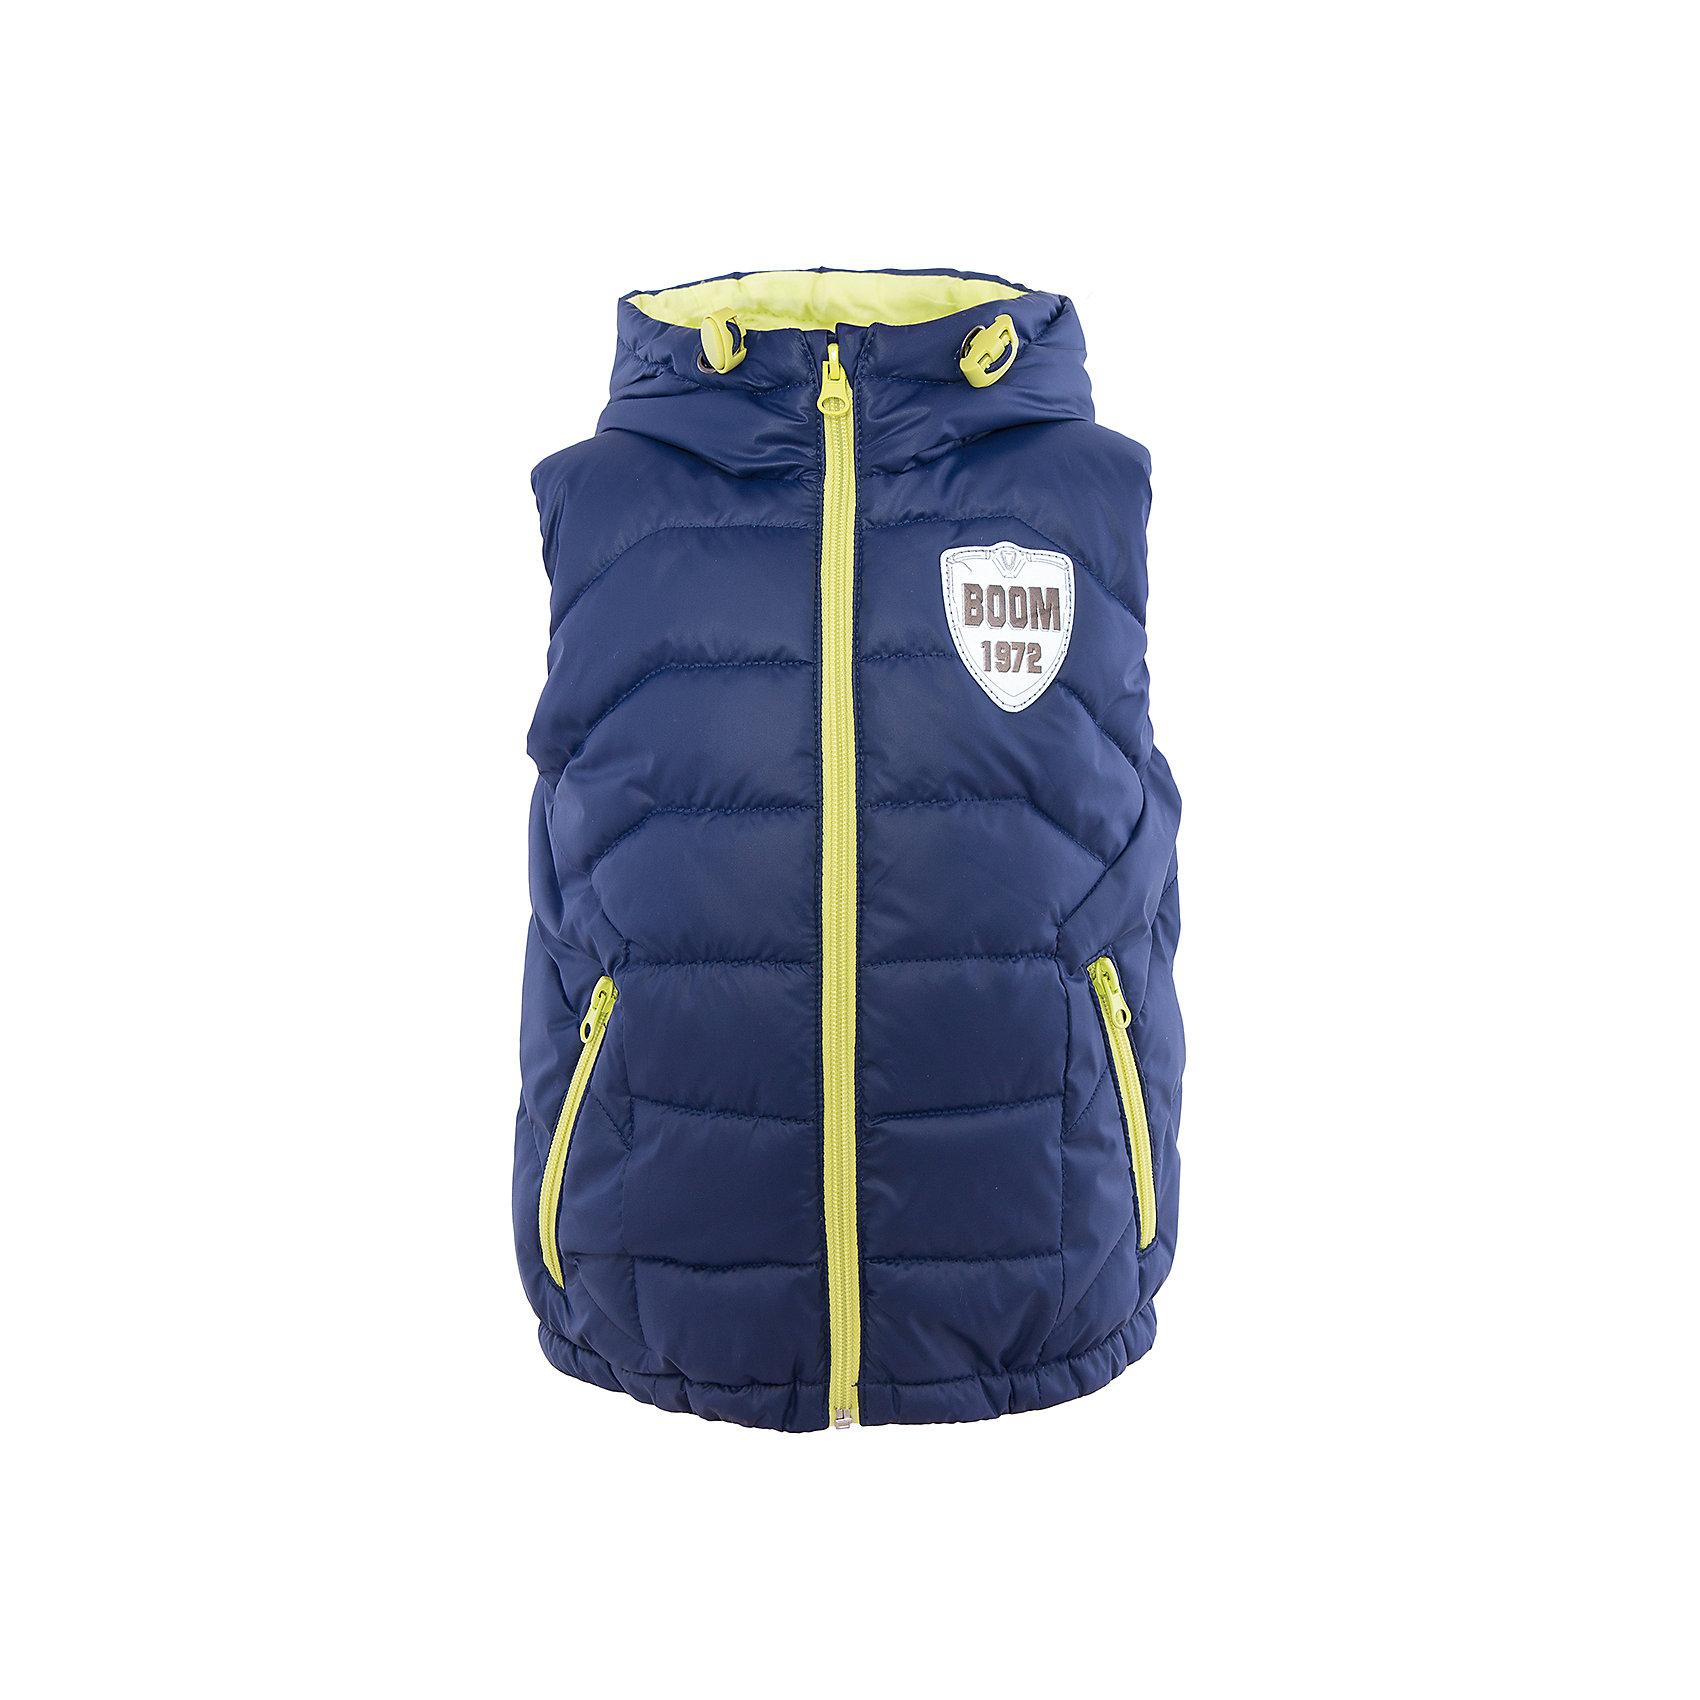 Жилет для мальчика BOOM by OrbyВерхняя одежда<br>Характеристики товара:<br><br>• цвет: синий<br>• состав: 100% полиэстер; верх - болонь, подкладка - поликоттон, полиэстер, утеплитель: эко-синтепон 150 г/м2<br>• температурный режим: от +15°до +5°С<br>• пропитка от промокания<br>• застежка - молния<br>• капюшон (не отстегивается)<br>• украшен нашивкой<br>• карманы<br>• комфортная посадка<br>• страна производства: Российская Федерация<br>• страна бренда: Российская Федерация<br>• коллекция: весна-лето 2017<br><br>Такой жилет - универсальный вариант и для прохладного летнего вечера, и для теплого межсезонья. Эта модель - модная и удобная одновременно! Изделие отличается стильным ярким дизайном. Жилет хорошо сидит по фигуре, отлично сочетается с различным низом. Вещь была разработана специально для детей.<br><br>Одежда от российского бренда BOOM by Orby уже завоевала популярностью у многих детей и их родителей. Вещи, выпускаемые компанией, качественные, продуманные и очень удобные. Для производства коллекций используются только безопасные для детей материалы. Спешите приобрести модели из новой коллекции Весна-лето 2017! <br><br>Жилет для мальчика от бренда BOOM by Orby можно купить в нашем интернет-магазине.<br><br>Ширина мм: 356<br>Глубина мм: 10<br>Высота мм: 245<br>Вес г: 519<br>Цвет: синий<br>Возраст от месяцев: 36<br>Возраст до месяцев: 48<br>Пол: Мужской<br>Возраст: Детский<br>Размер: 104,158,98,110,92,116,122,128,134,140,146,152<br>SKU: 5343971